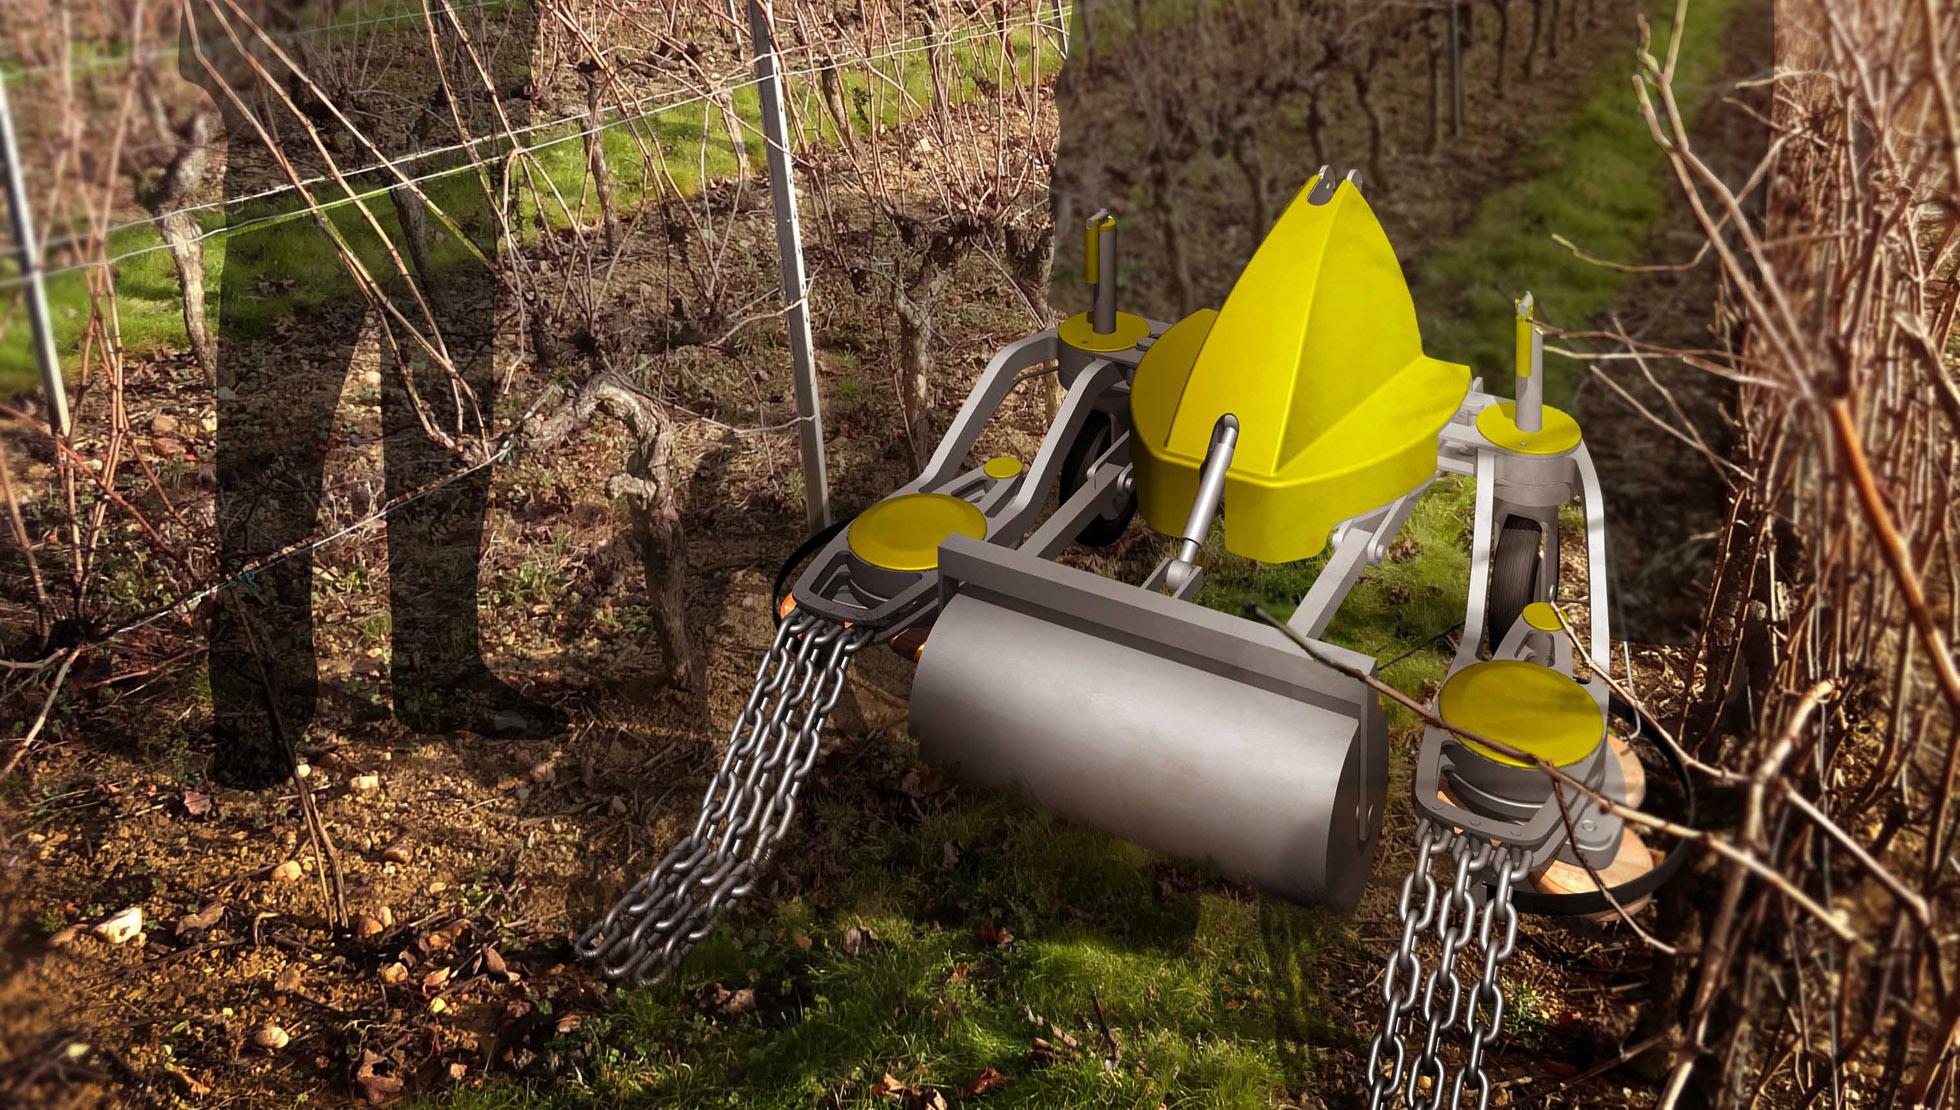 Equipement viticole de désherbage